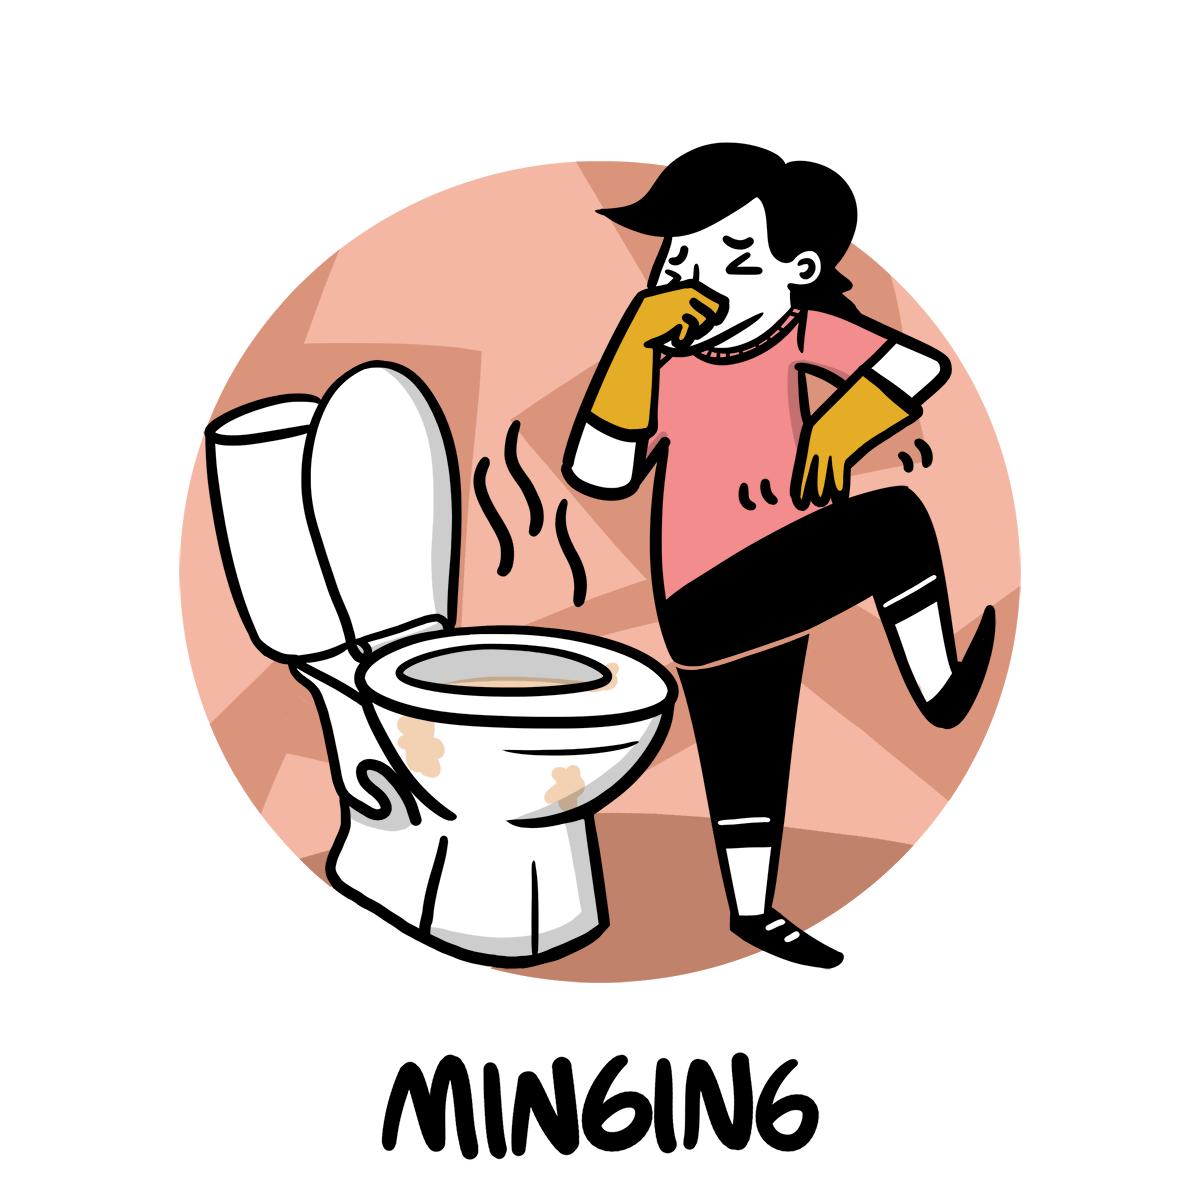 Minging